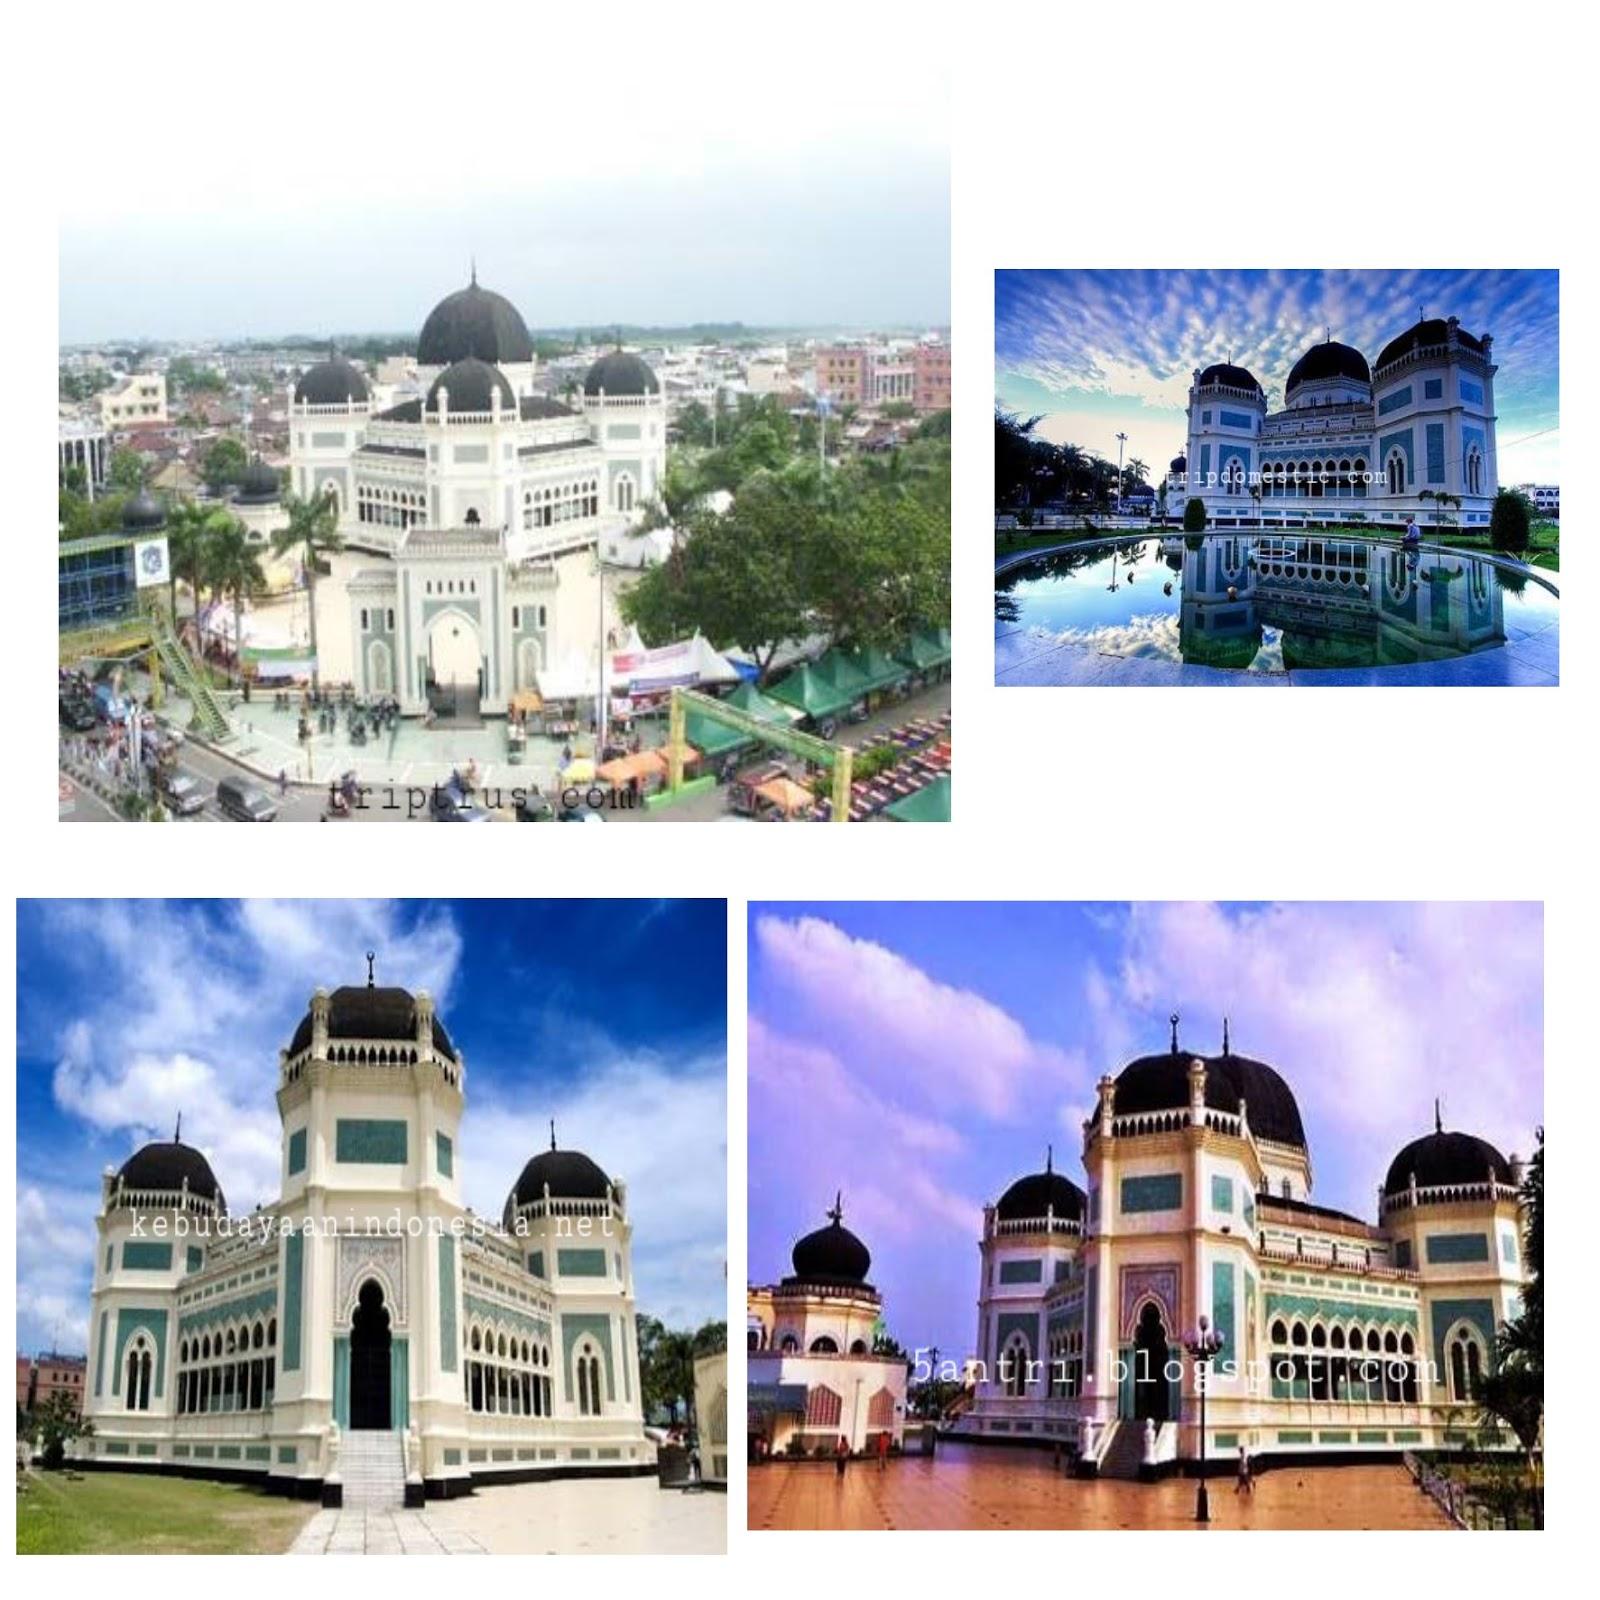 Jelajah Indonesia Masjid Raya Medan Keuinikannya Terbesar Termegah Kota Disebut